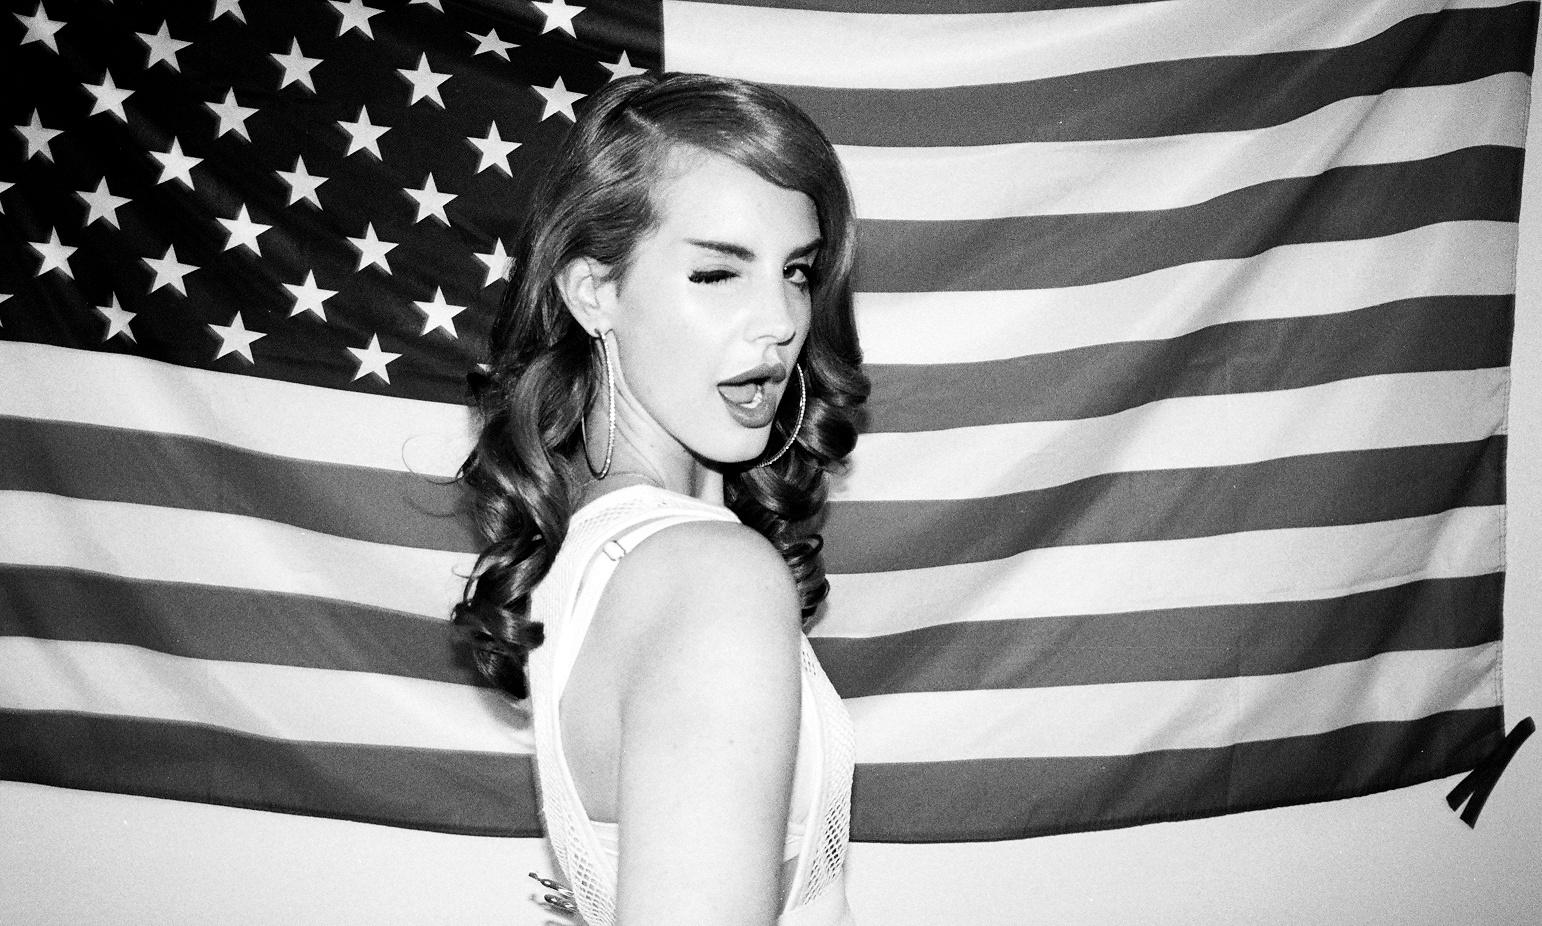 Lana Del Rey Wallpaper 1542x926 ID41310   WallpaperVortexcom 1542x926